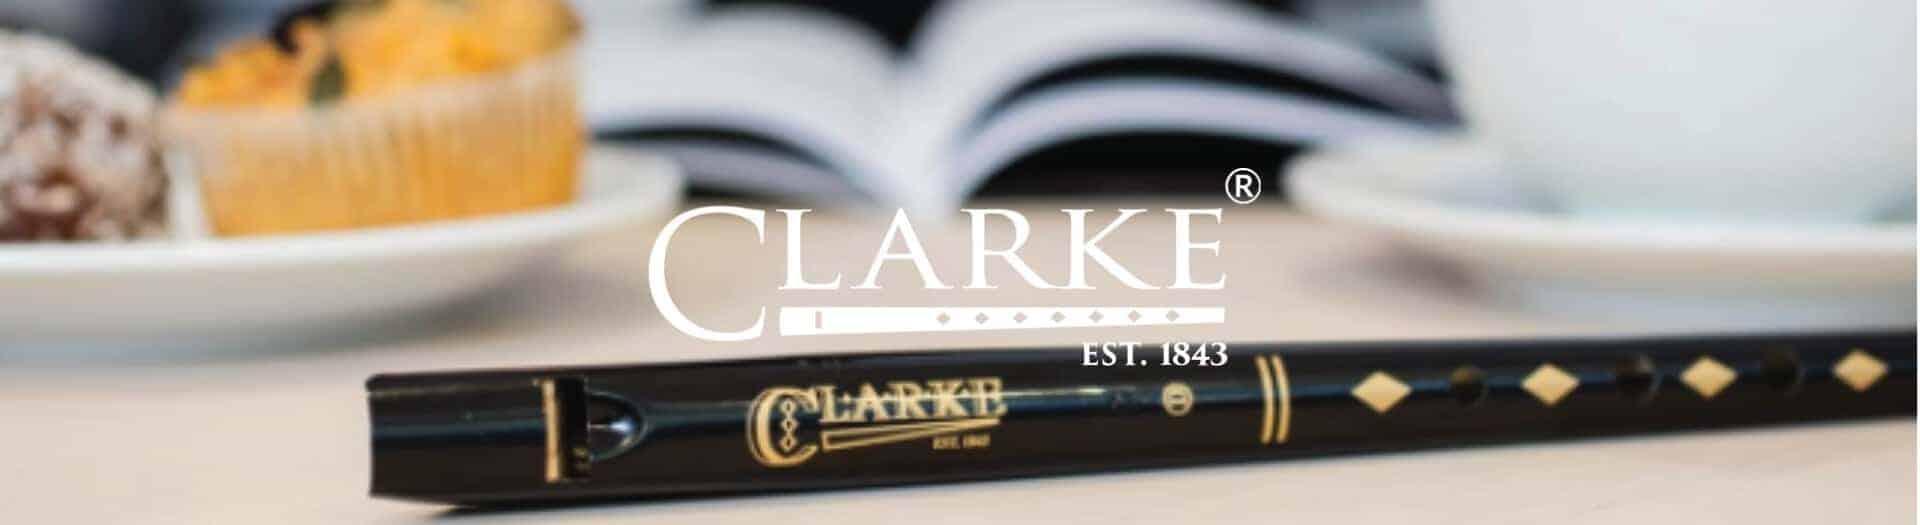 1920x525 Clarke header with logo 1